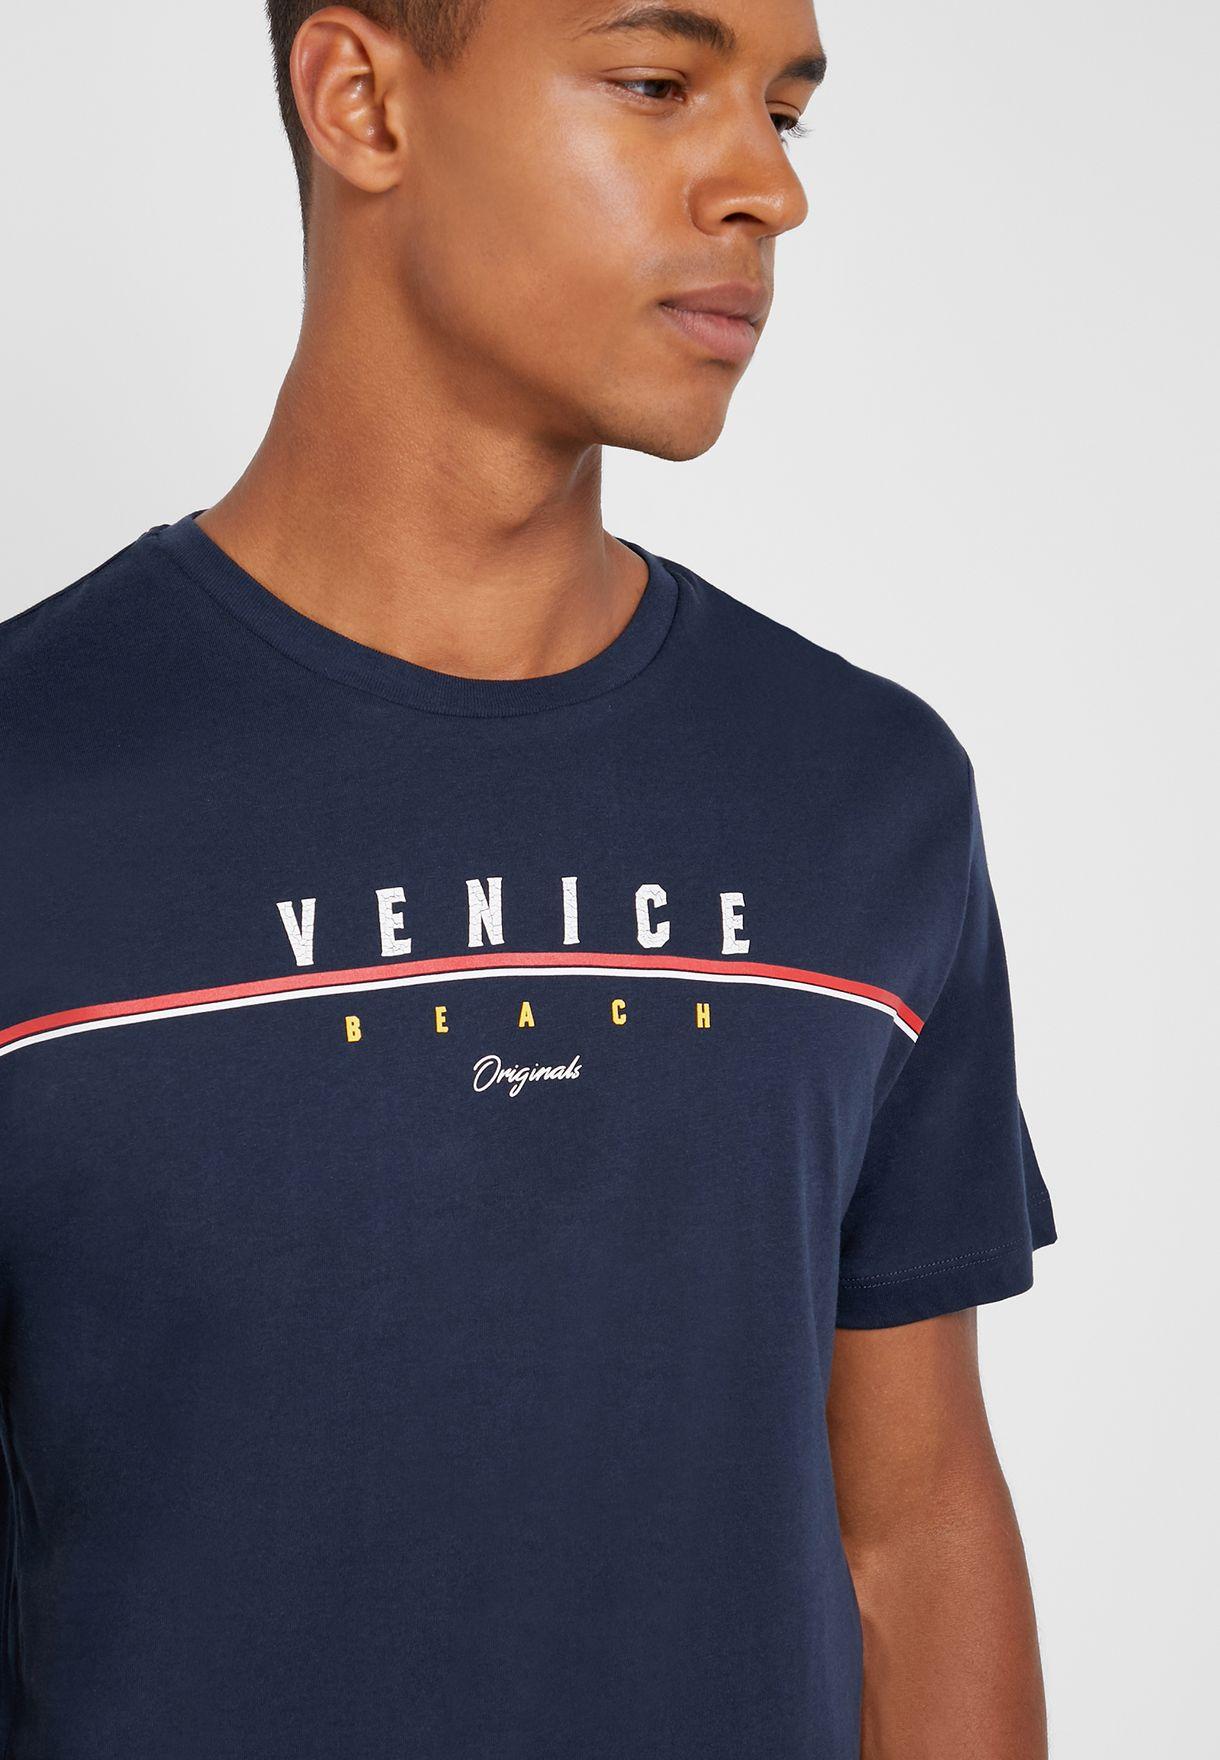 Retro Cali Crew Neck T-Shirt